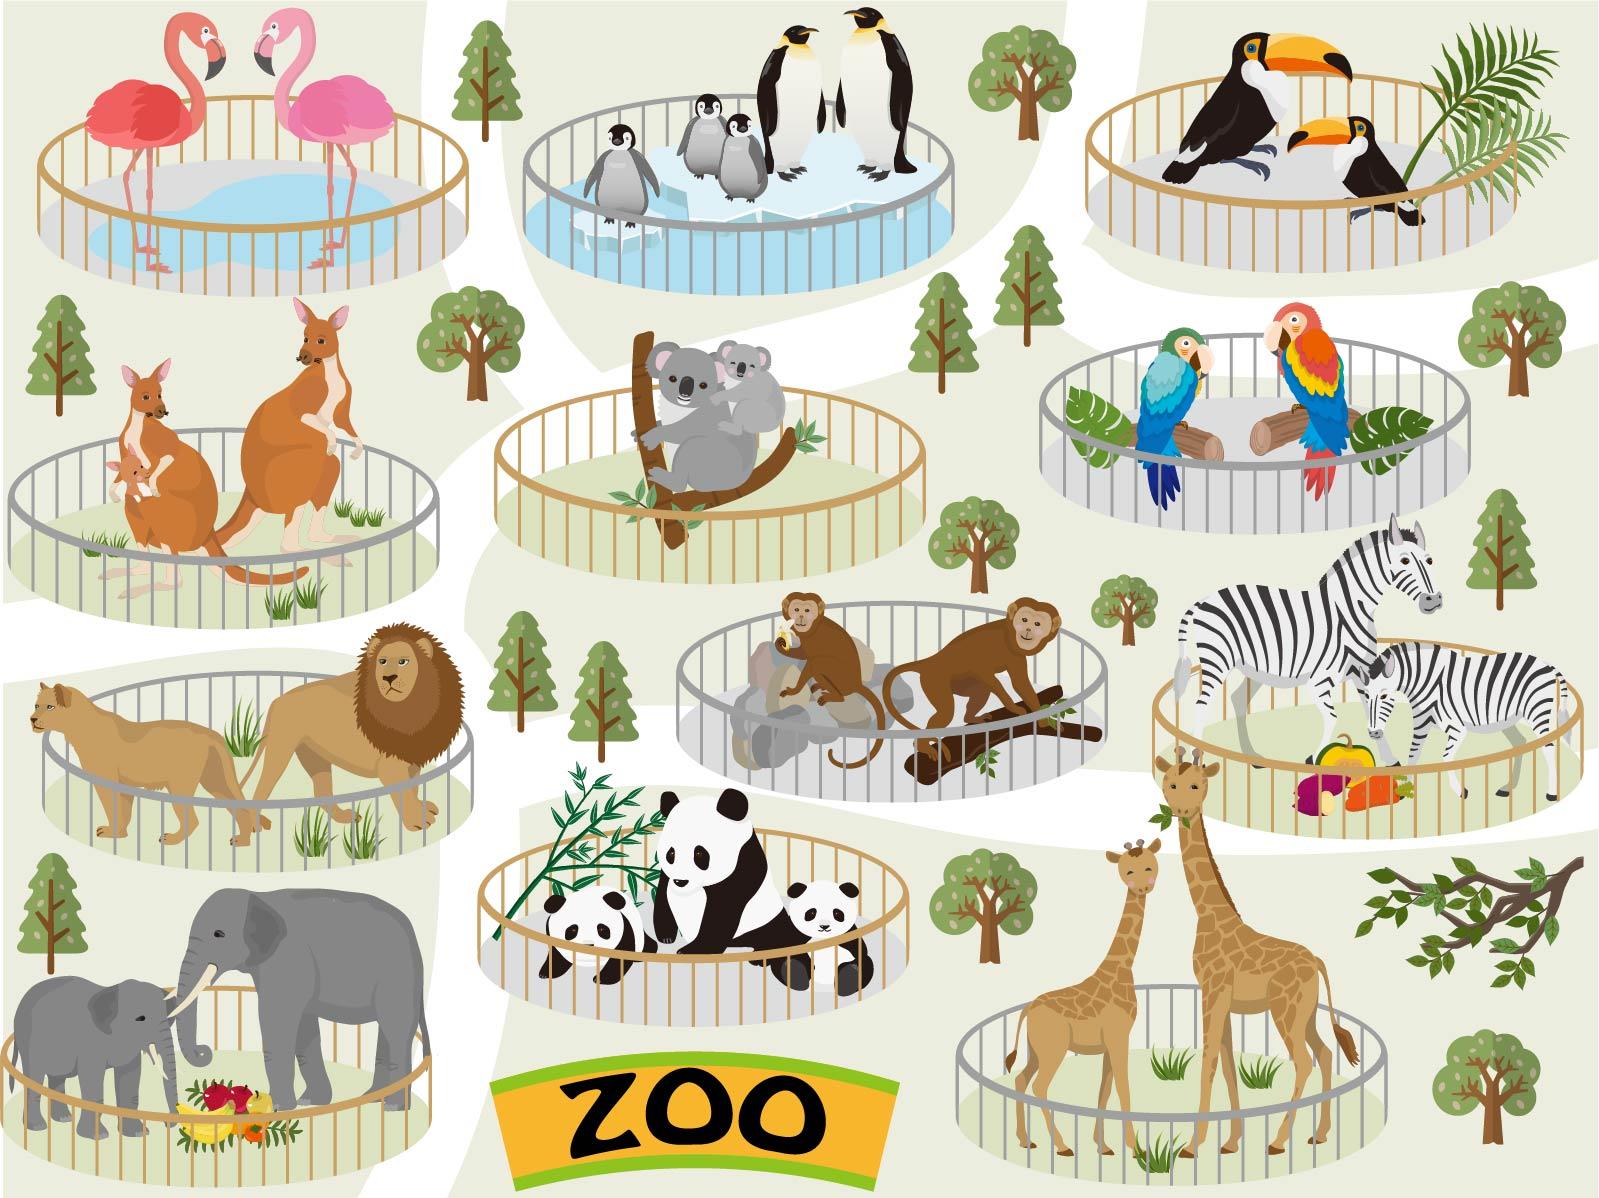 動物園のイメージ画像